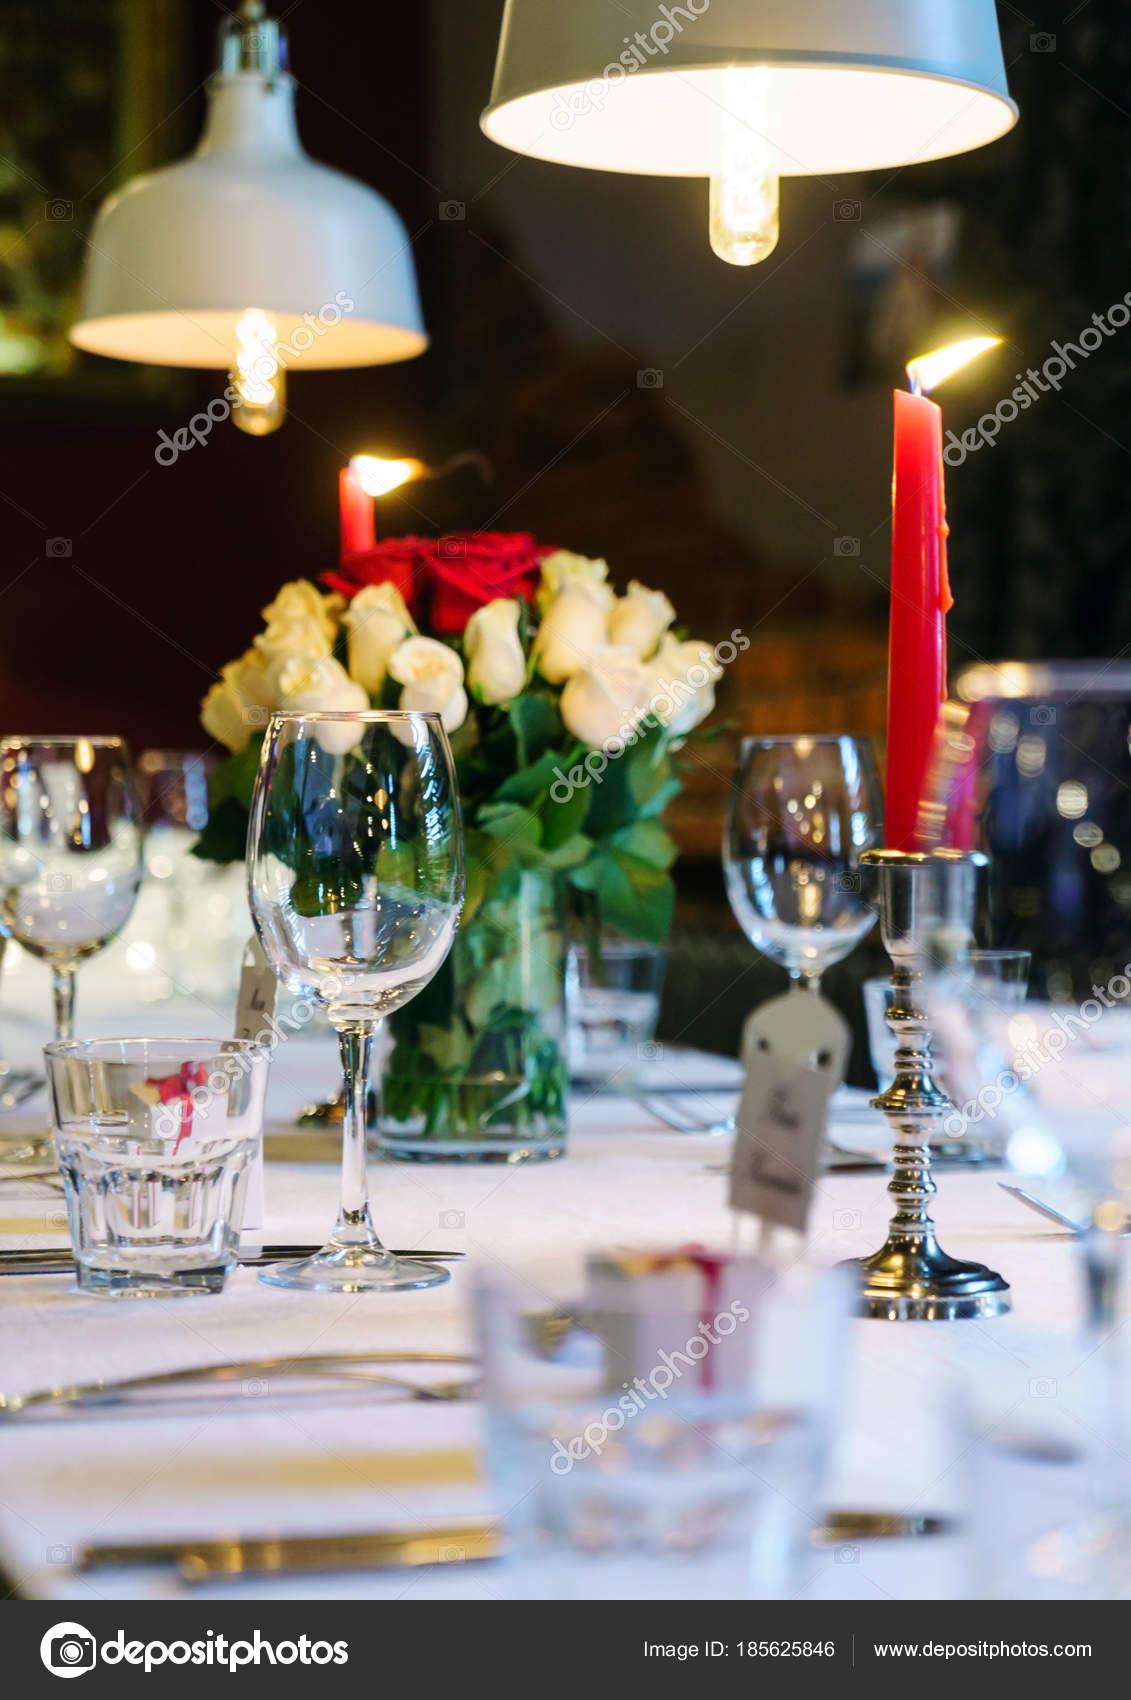 Hochzeitstisch Mit Kerzen Nahaufnahme Stockfoto C Shebeko 185625846